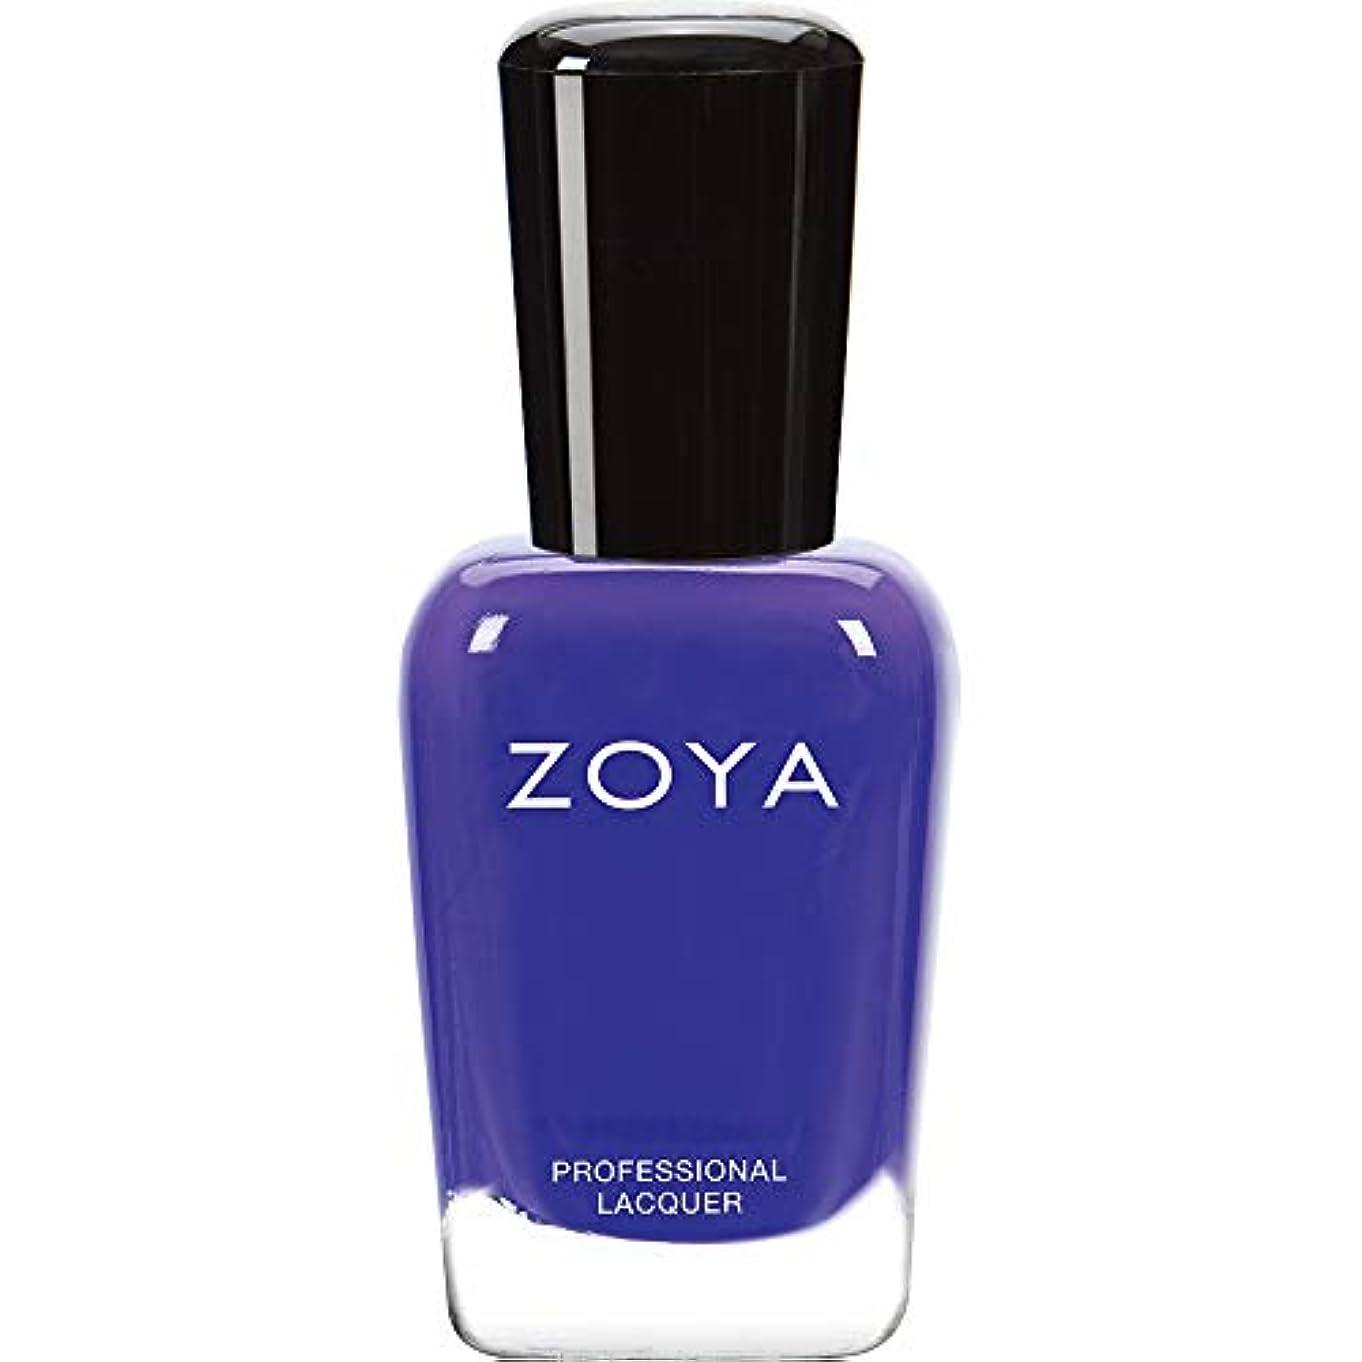 ノーブルニックネーム周囲ZOYA ゾーヤ ネイルカラー ZP920 DANIELLE ダニエル 15ml マット 爪にやさしいネイルラッカーマニキュア